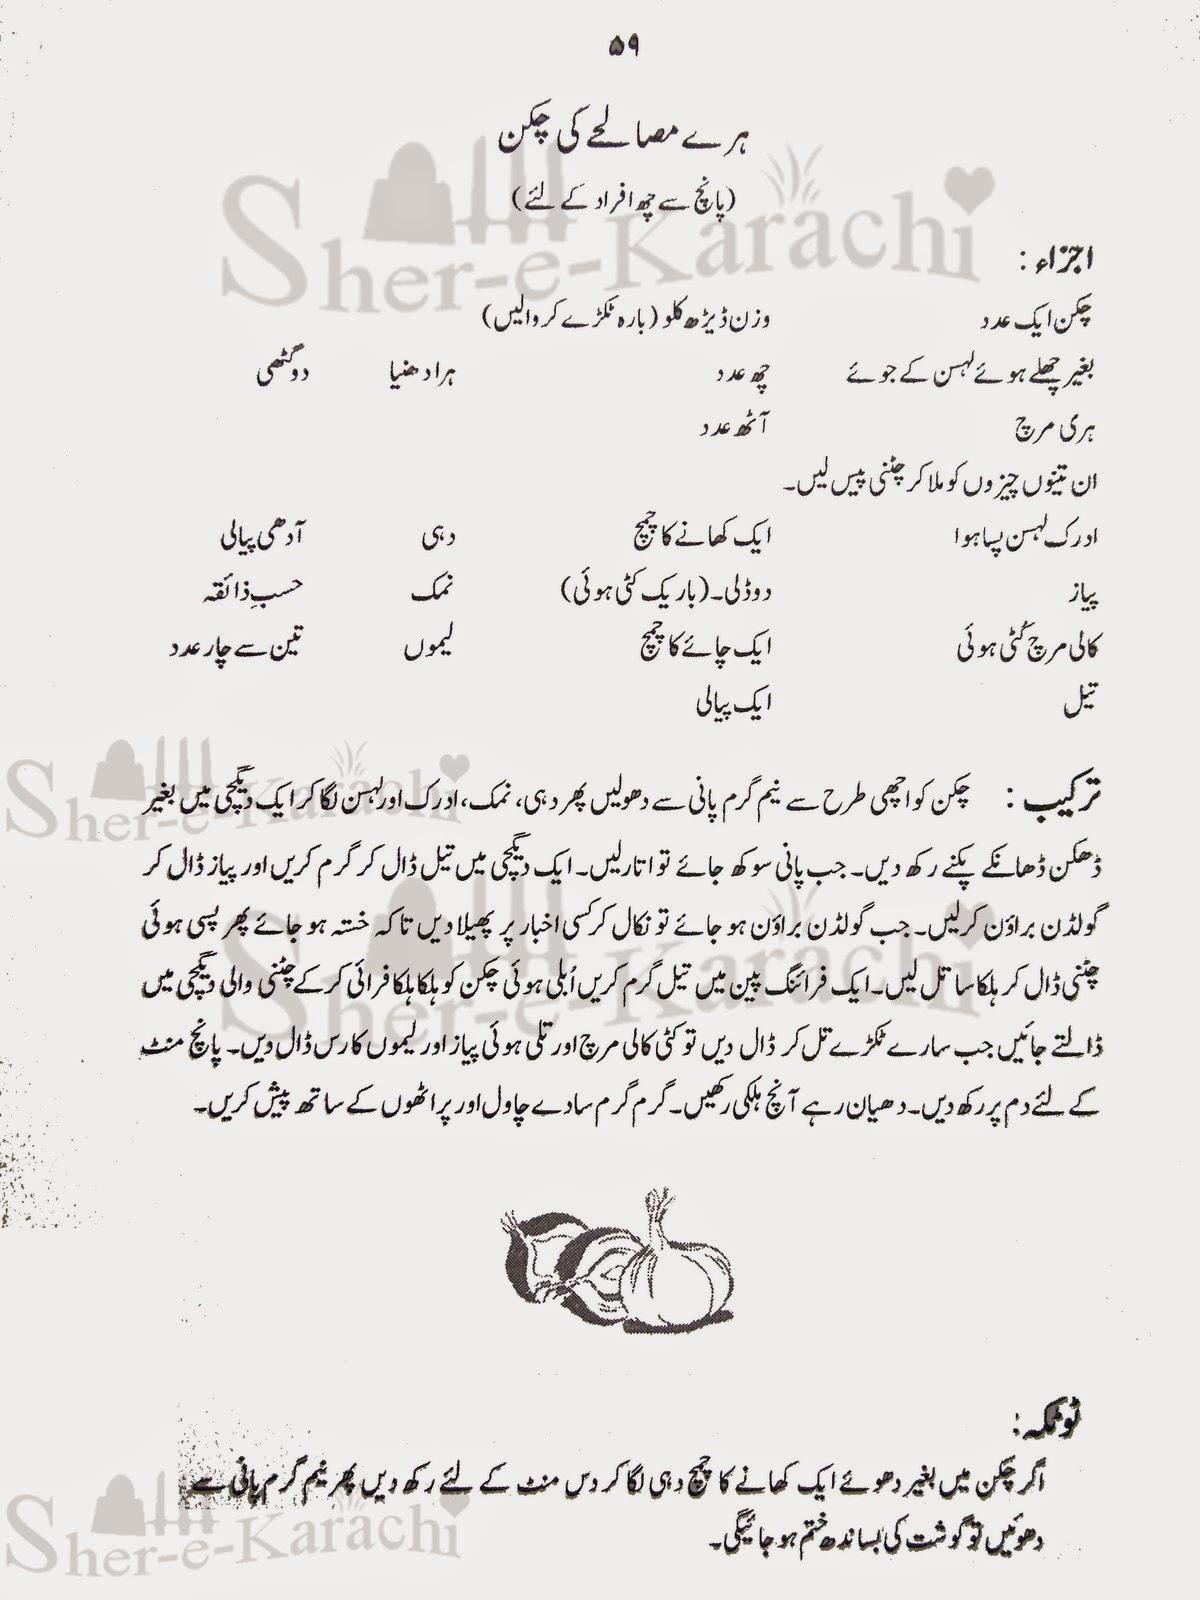 Chicken Recipes in Urdu